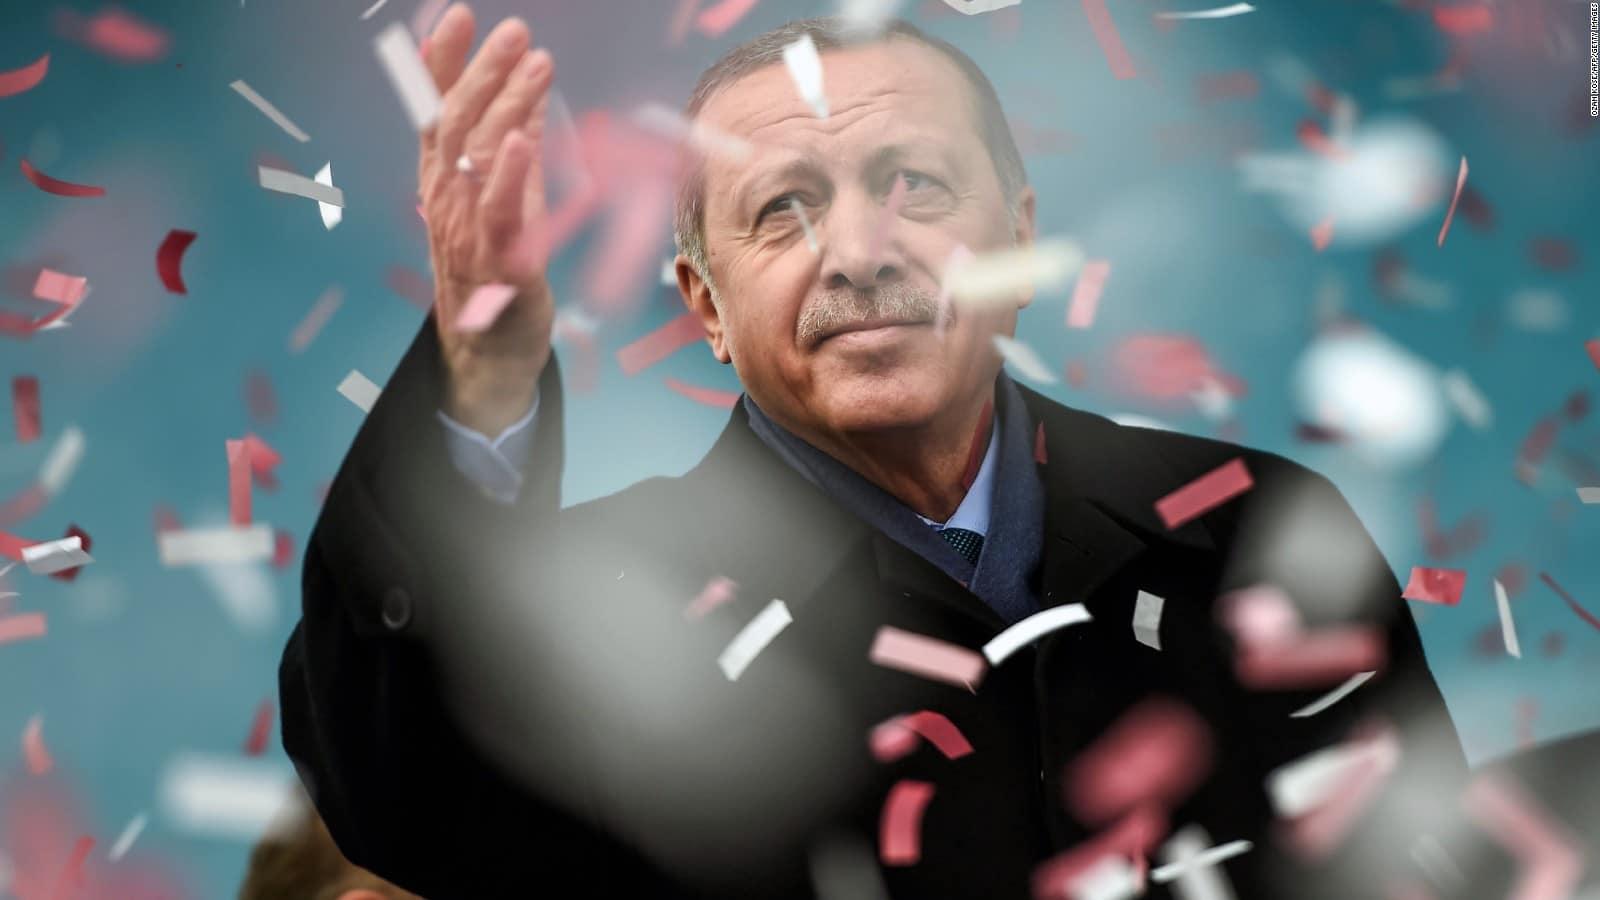 أردوغان يعلن اكتشاف 135 مليار متر مكعب من الغاز في حقل صقاريا بالبحر الأسود